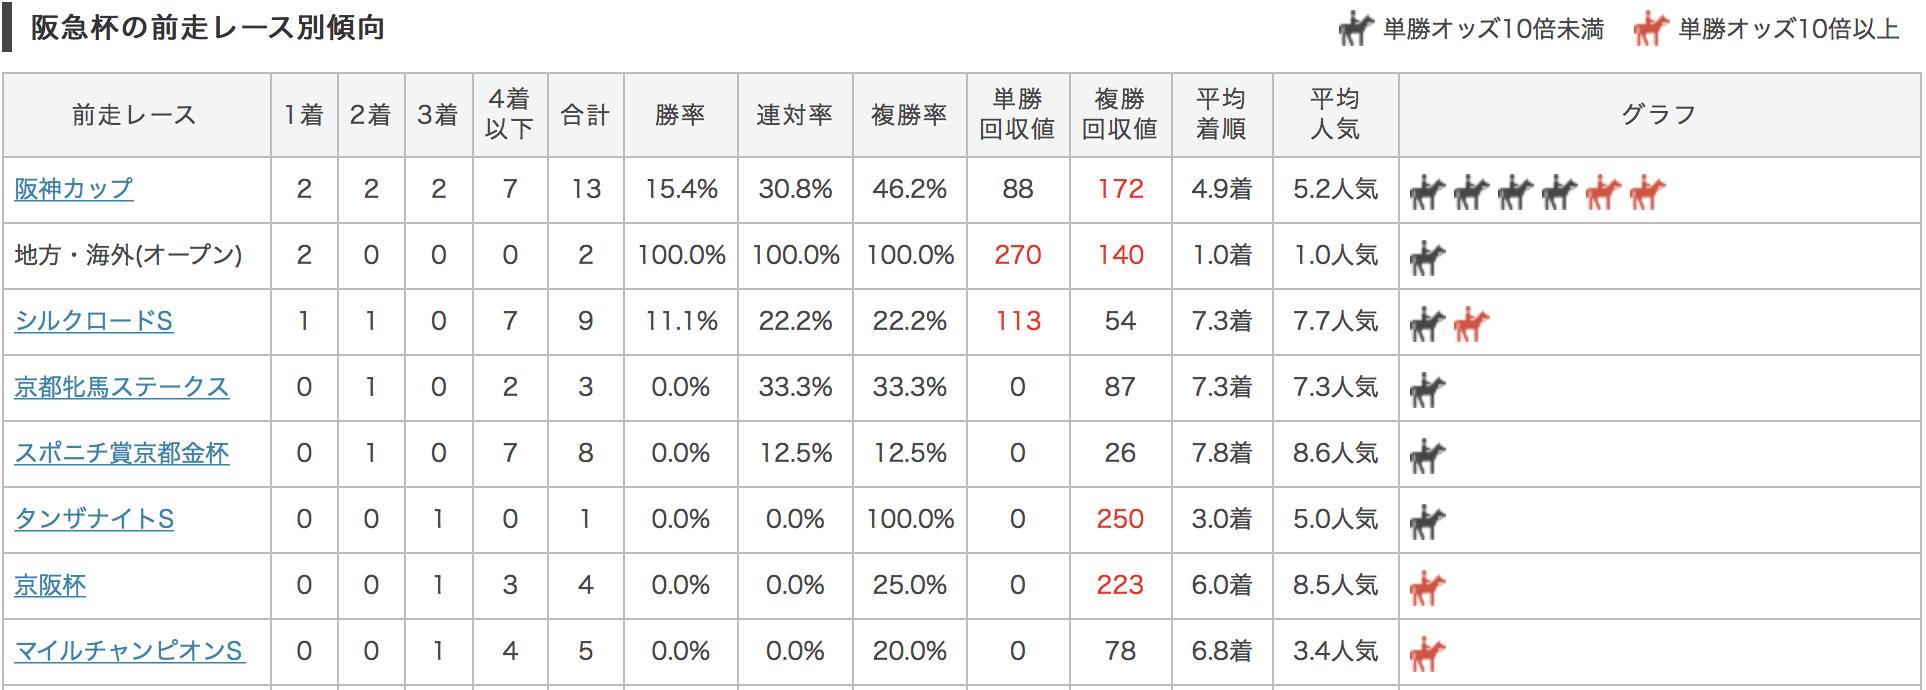 阪急杯2017前走別データ